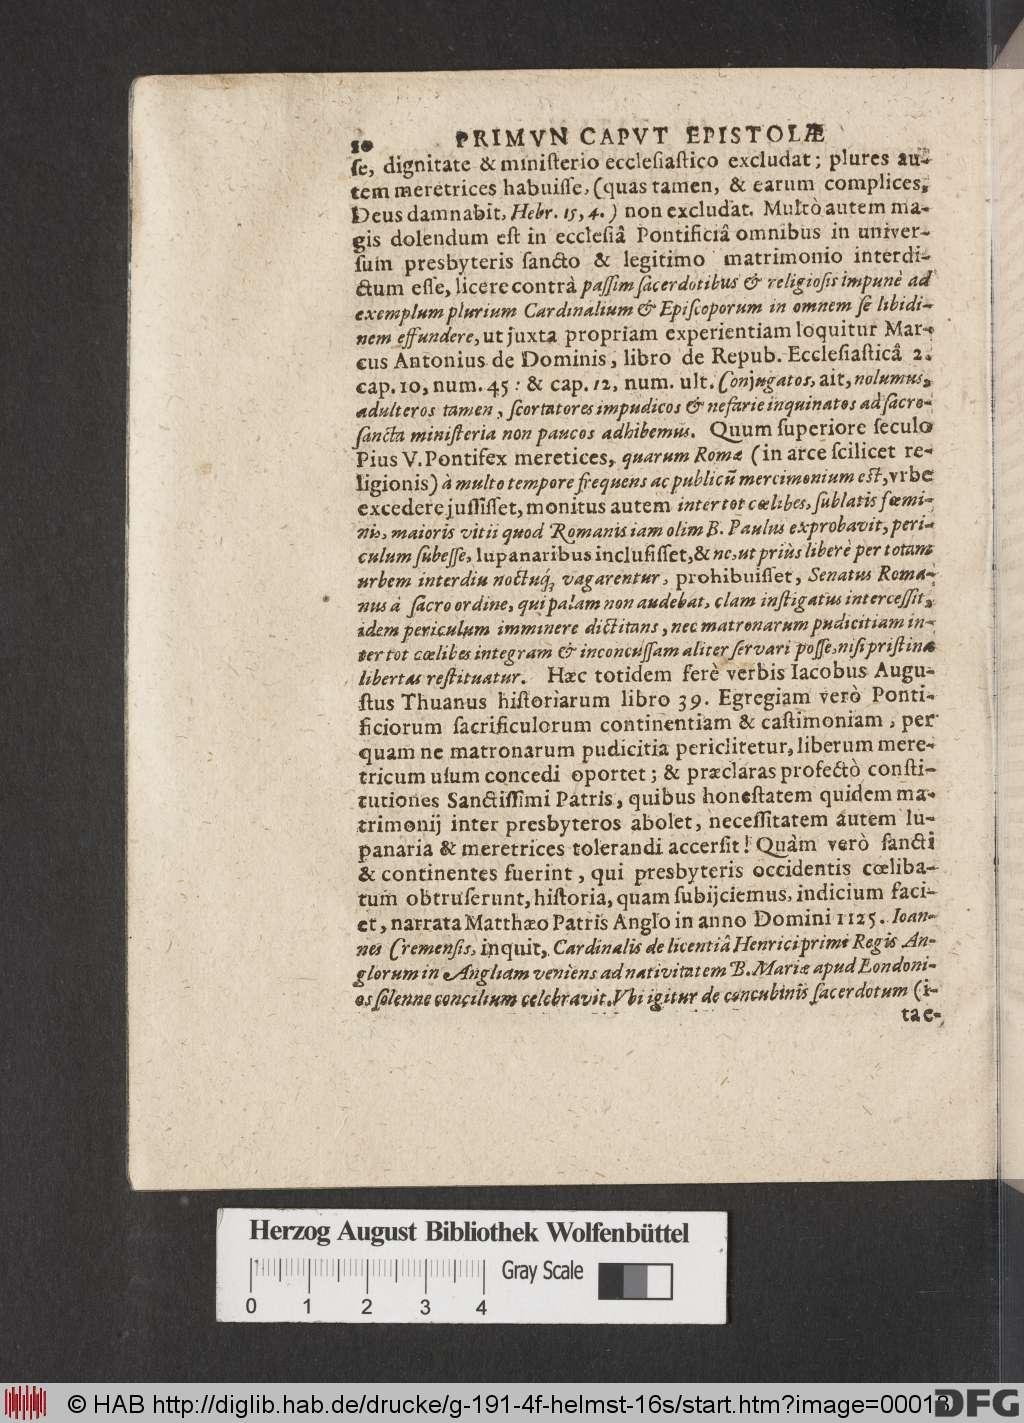 http://diglib.hab.de/drucke/g-191-4f-helmst-16s/00018.jpg